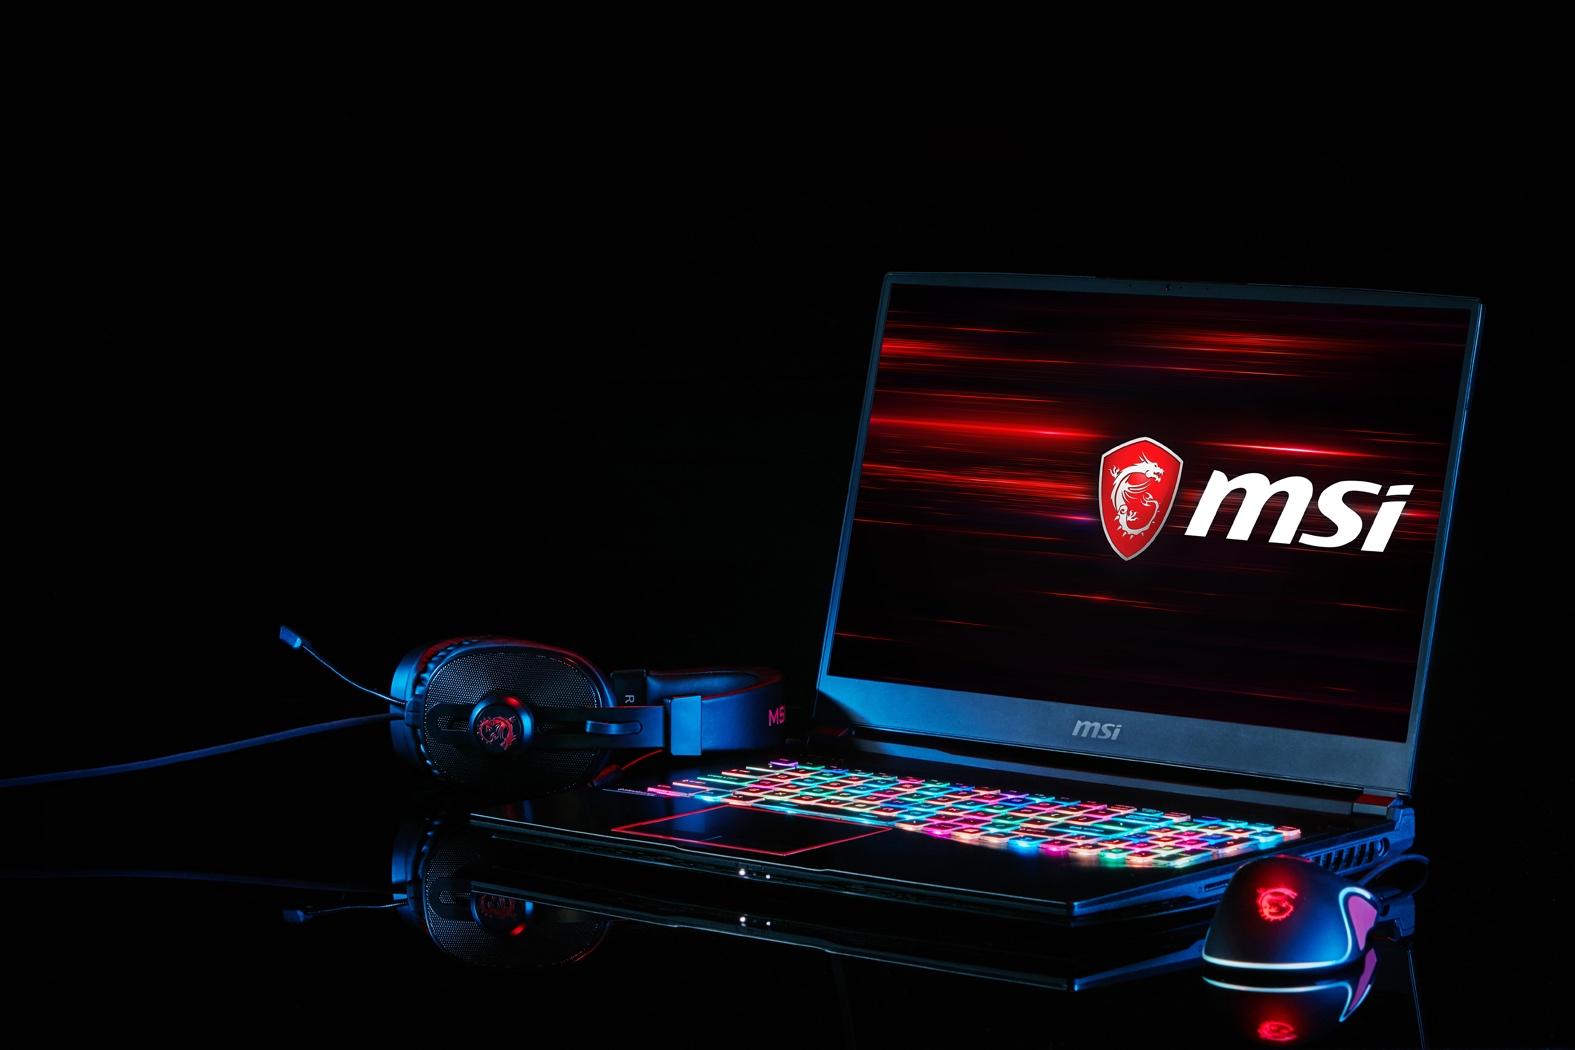 MSI annuncia GE75 Raider, il laptop da gaming con NVIDIA GeForce GTX 1070 thumbnail